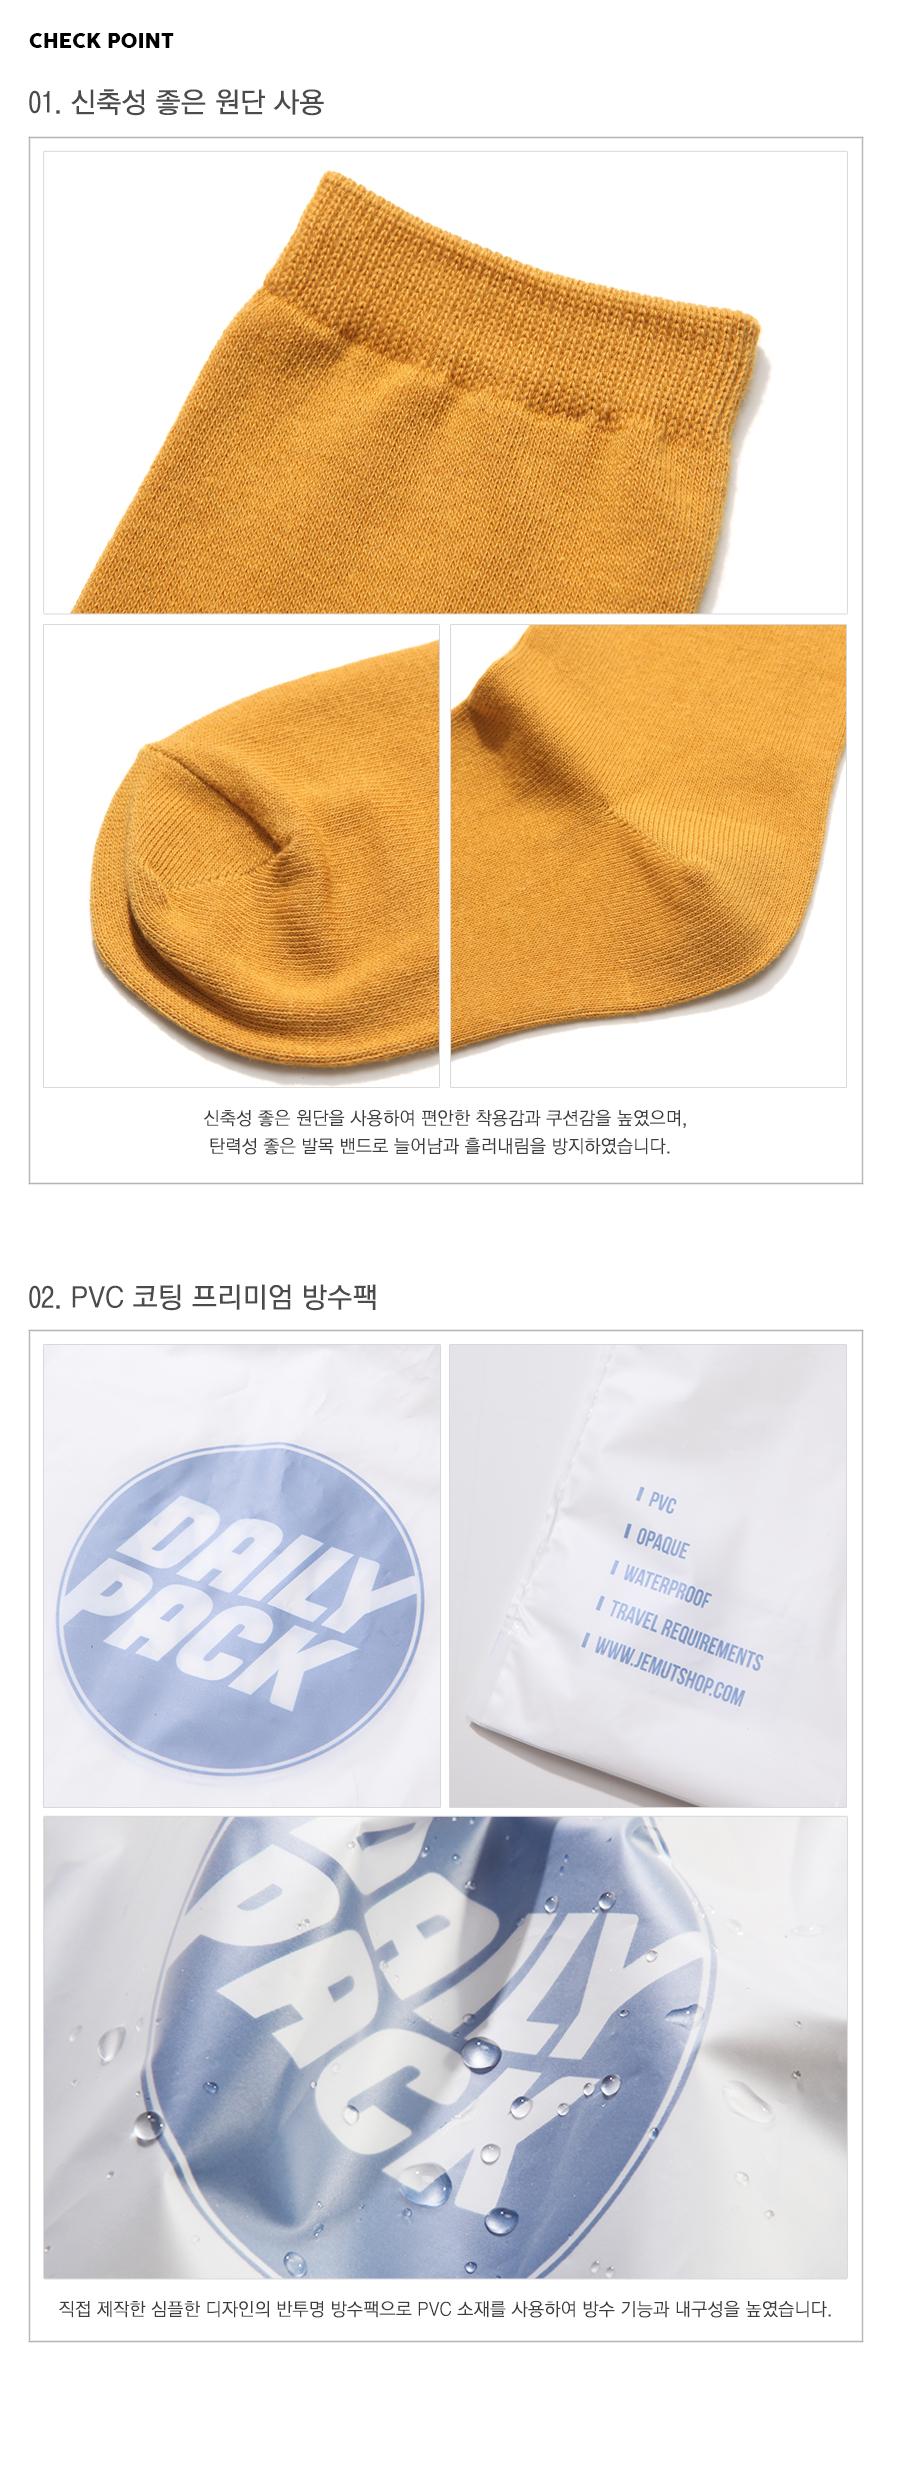 20180611_up_daily_color_socks_info_kj.jpg